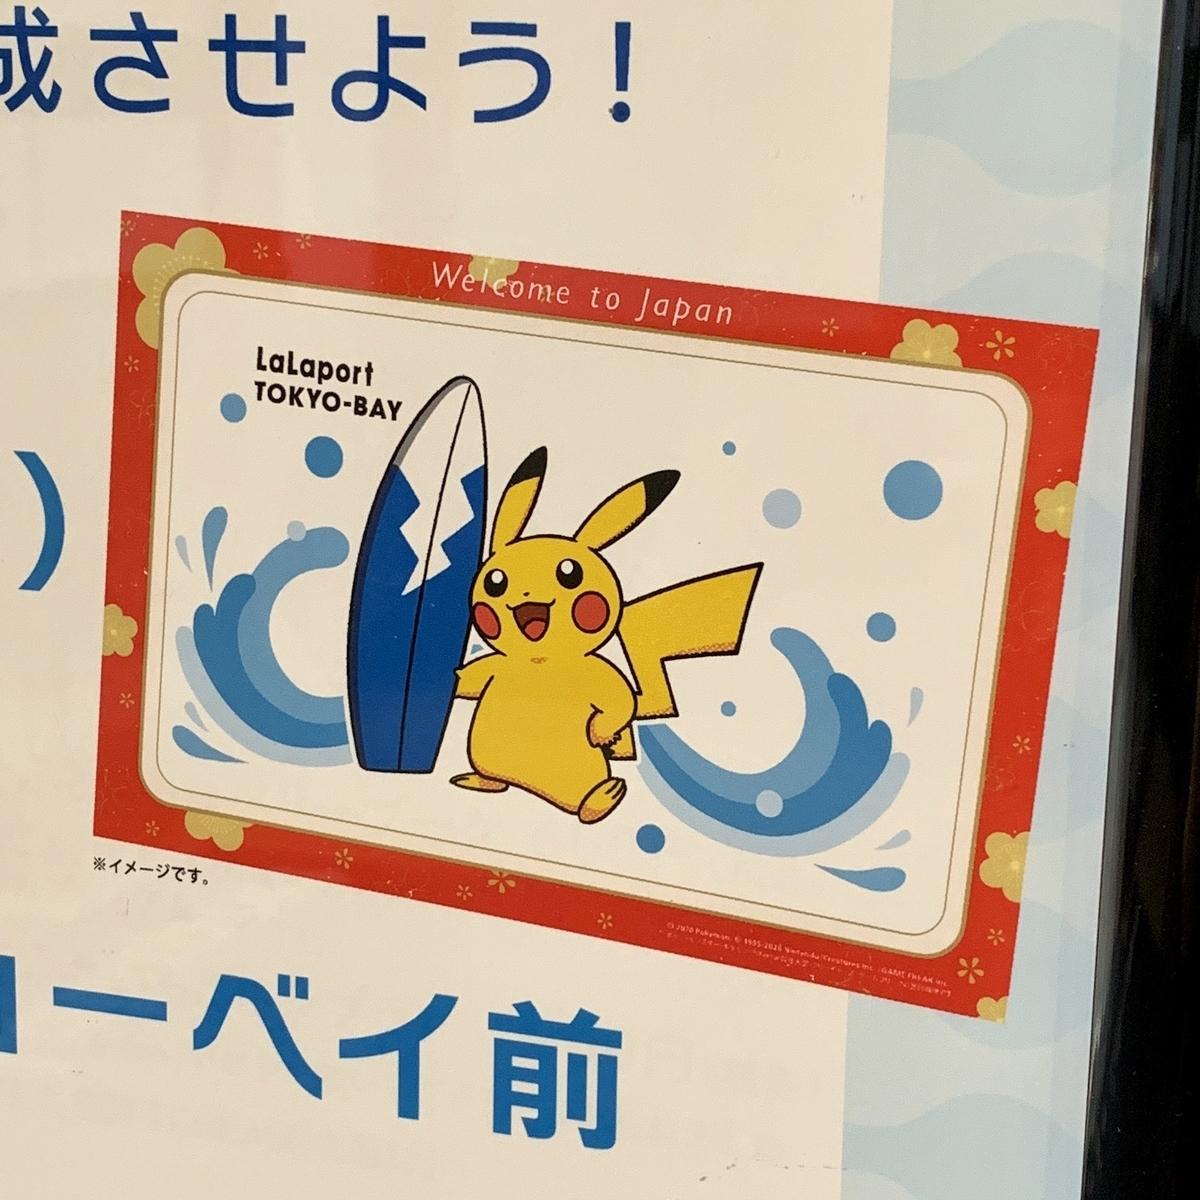 f:id:pikachu_pcn:20200202200223j:plain